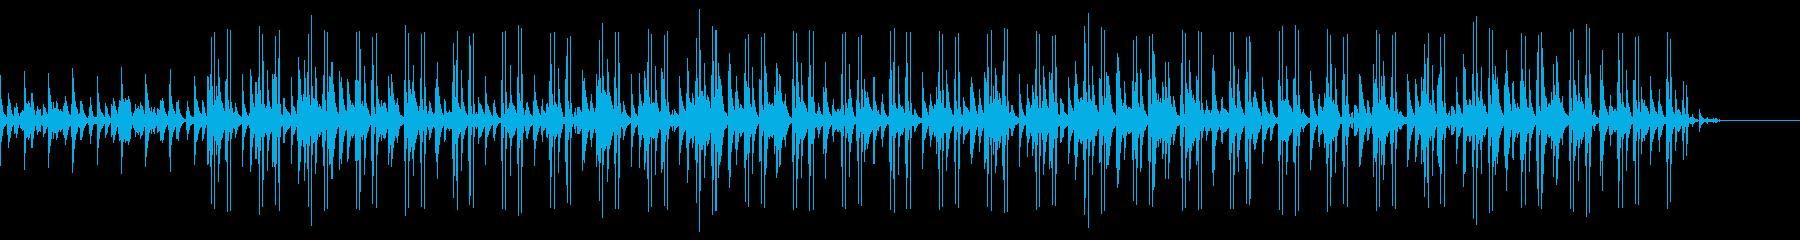 幻想的な琴・打弦楽器のアンサンブルの再生済みの波形